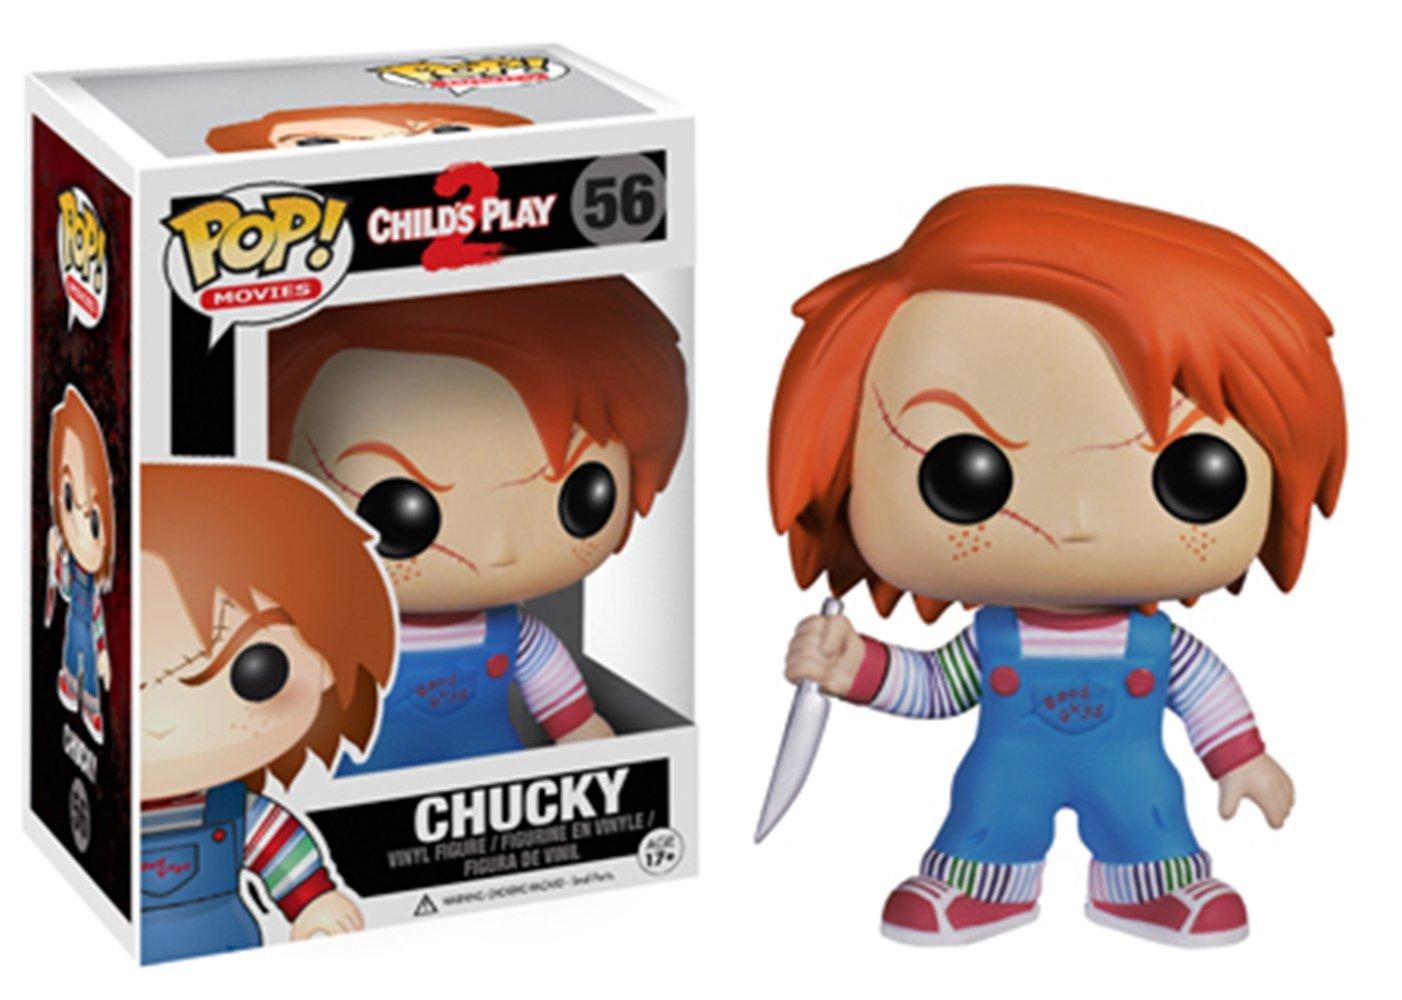 CHUCKY #56